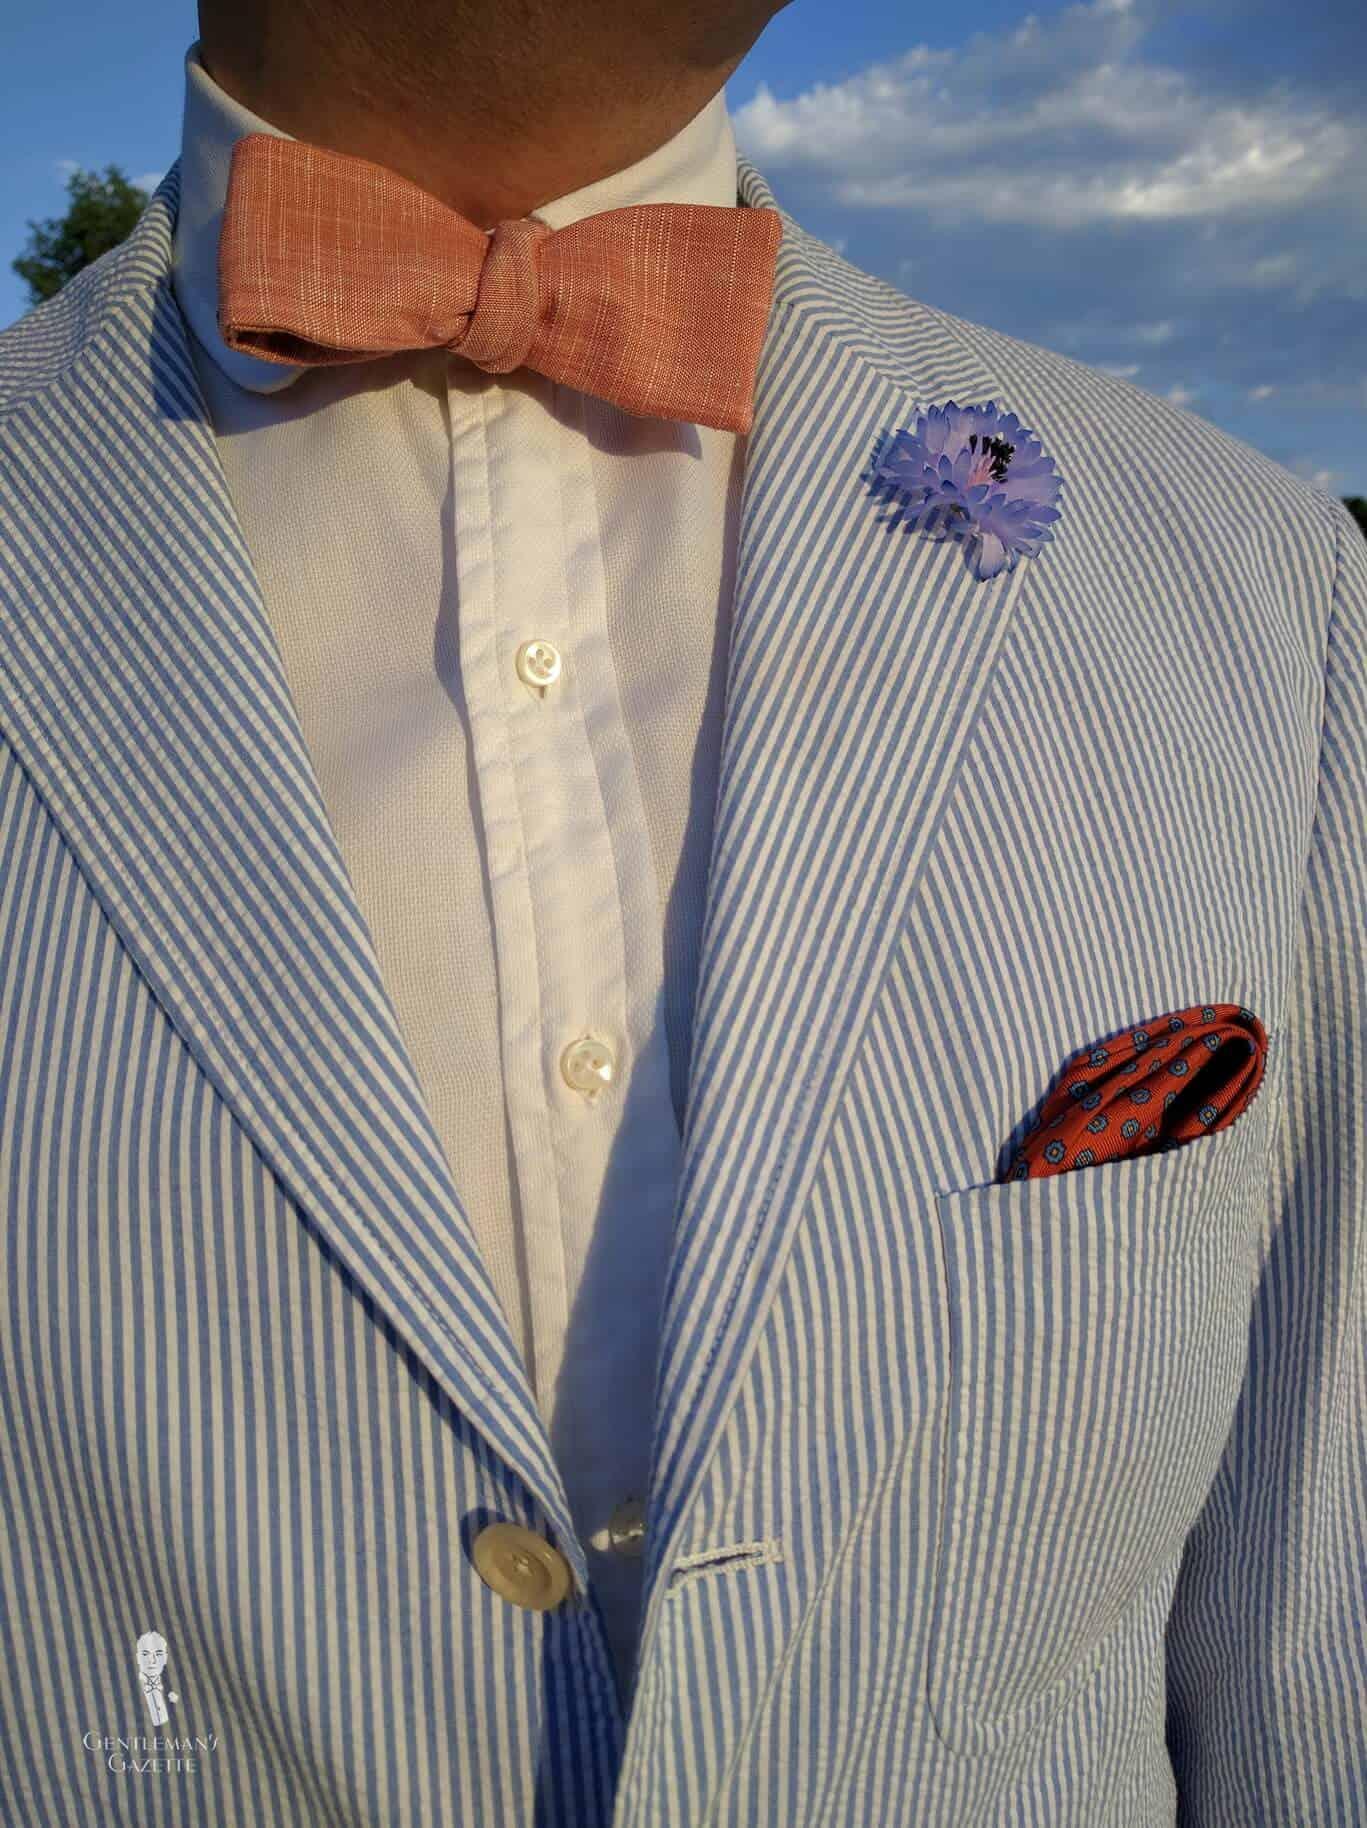 Seersucker Fabric, Jacket / Suits & Its Origins — Gentleman\'s Gazette